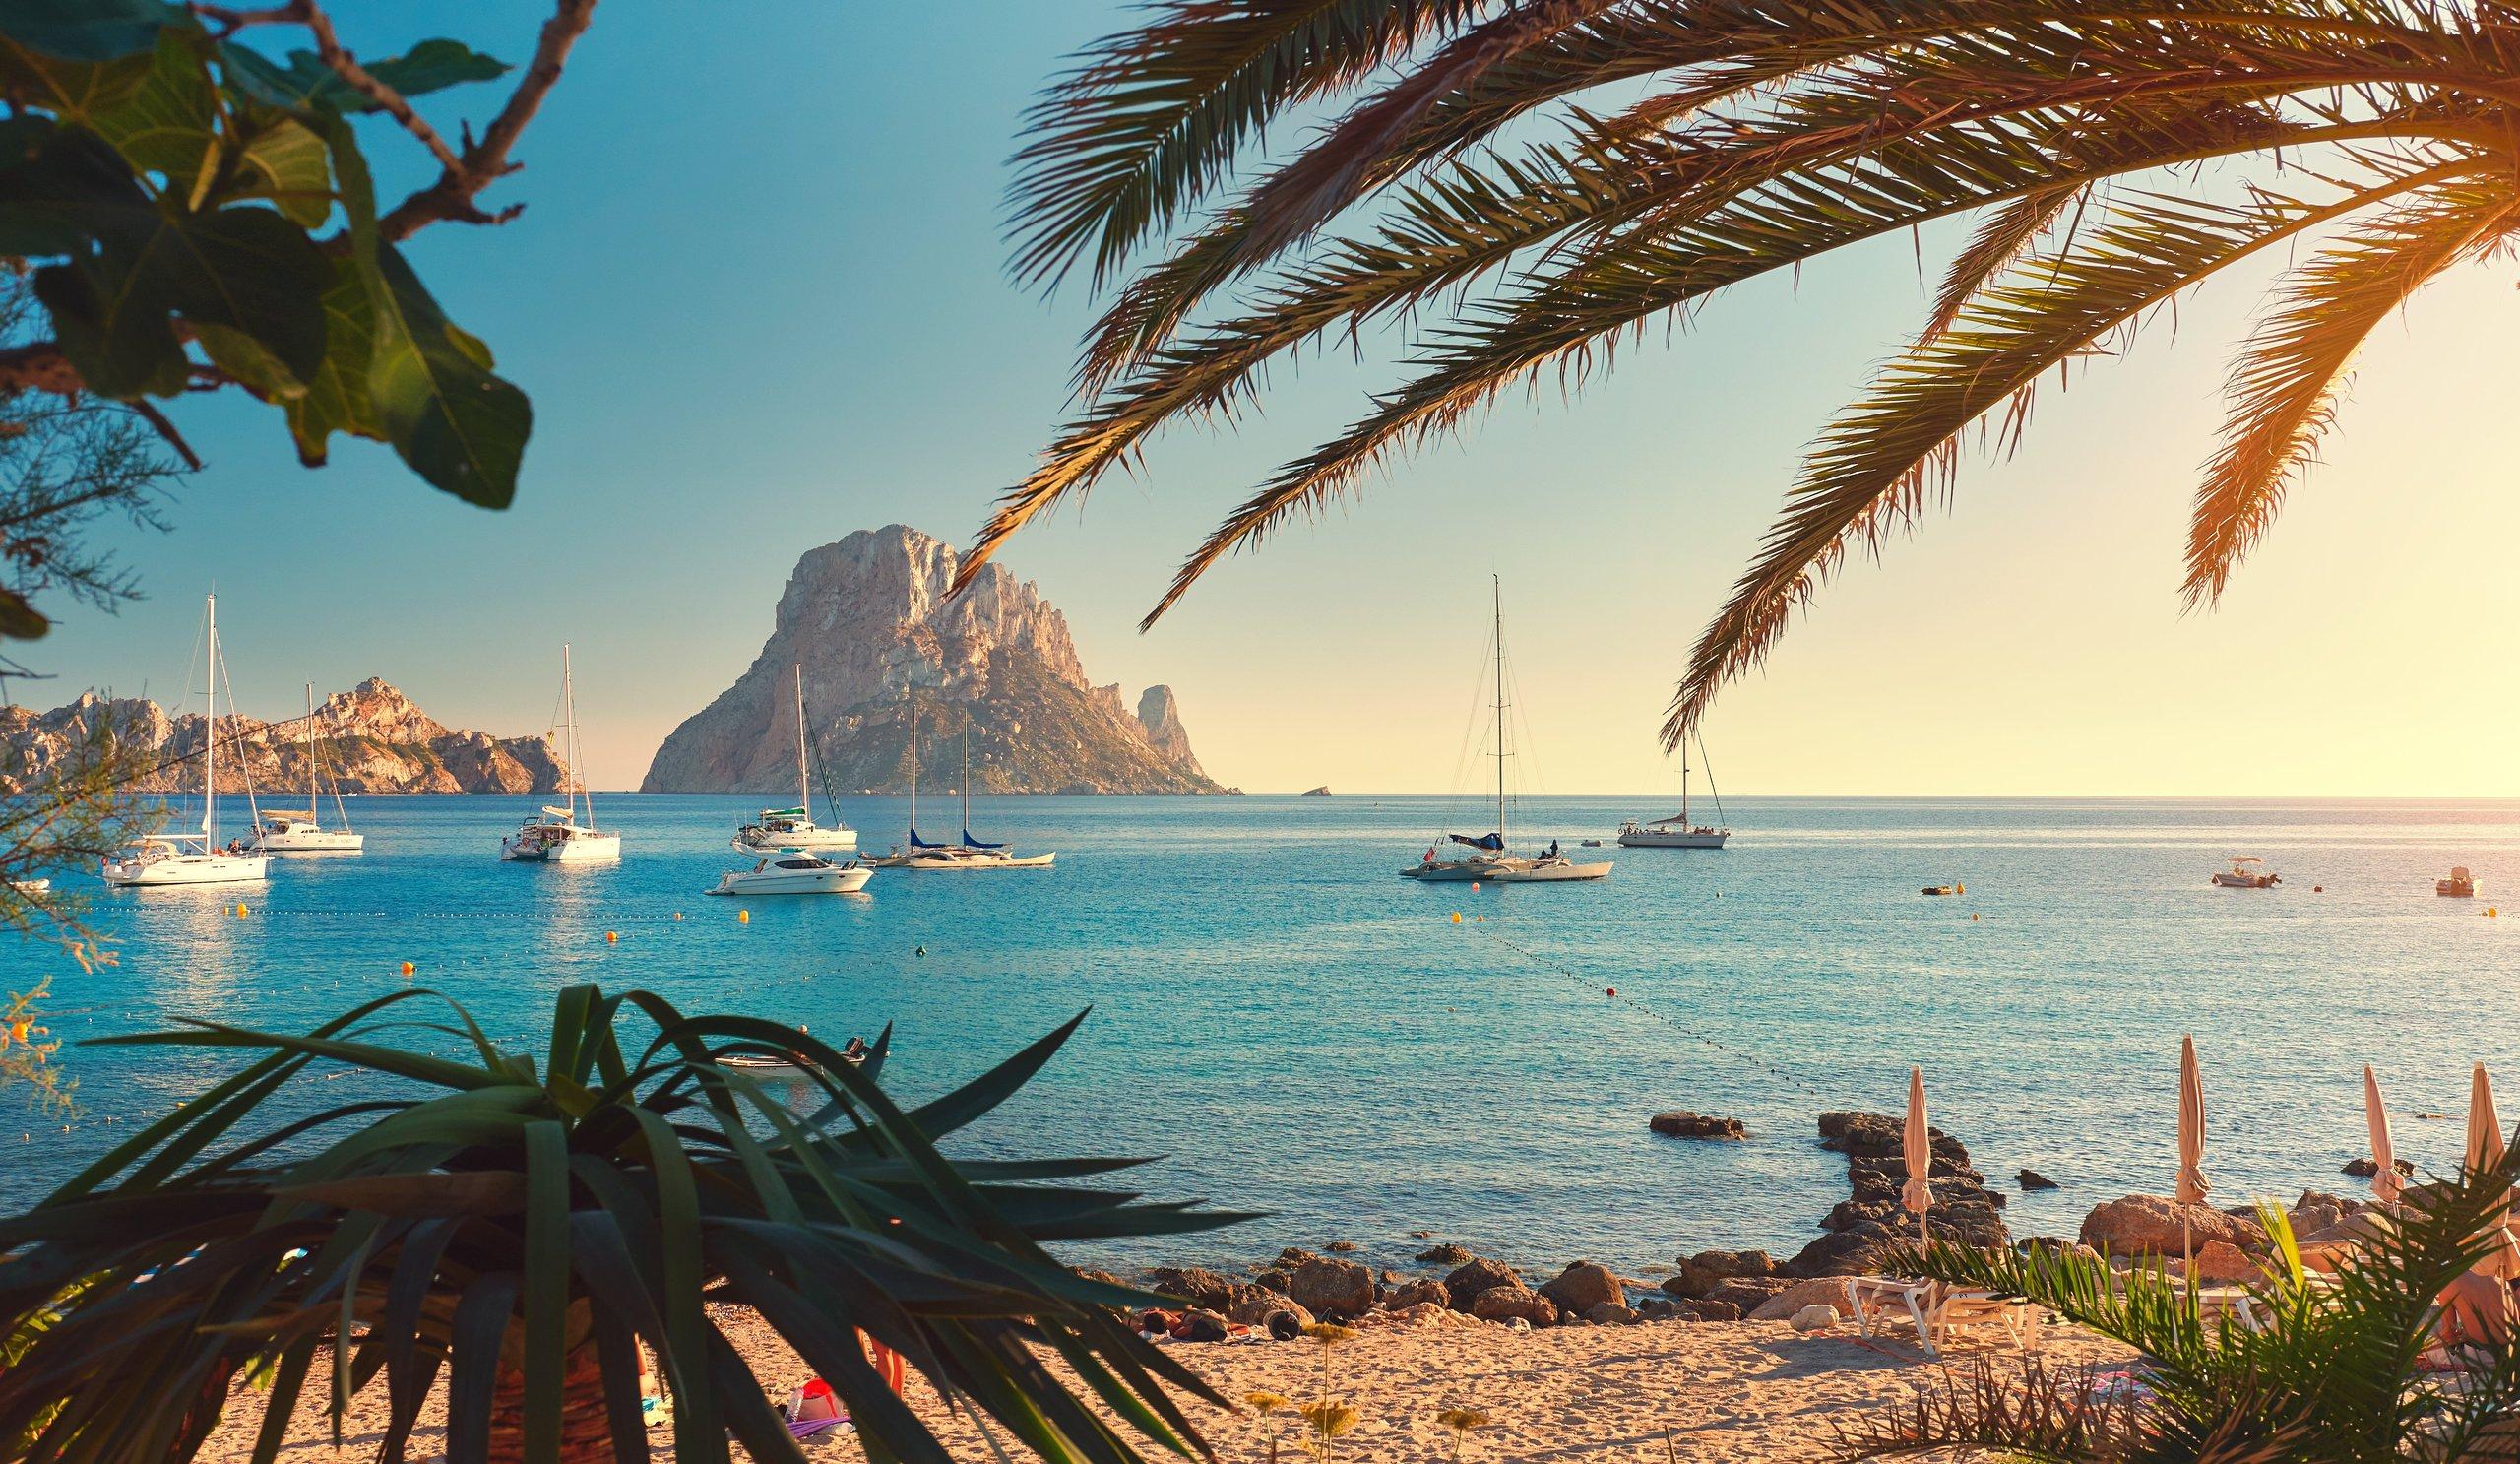 Vuelos a Ibiza por 8€ el trayecto (16€ ida y vuelta)